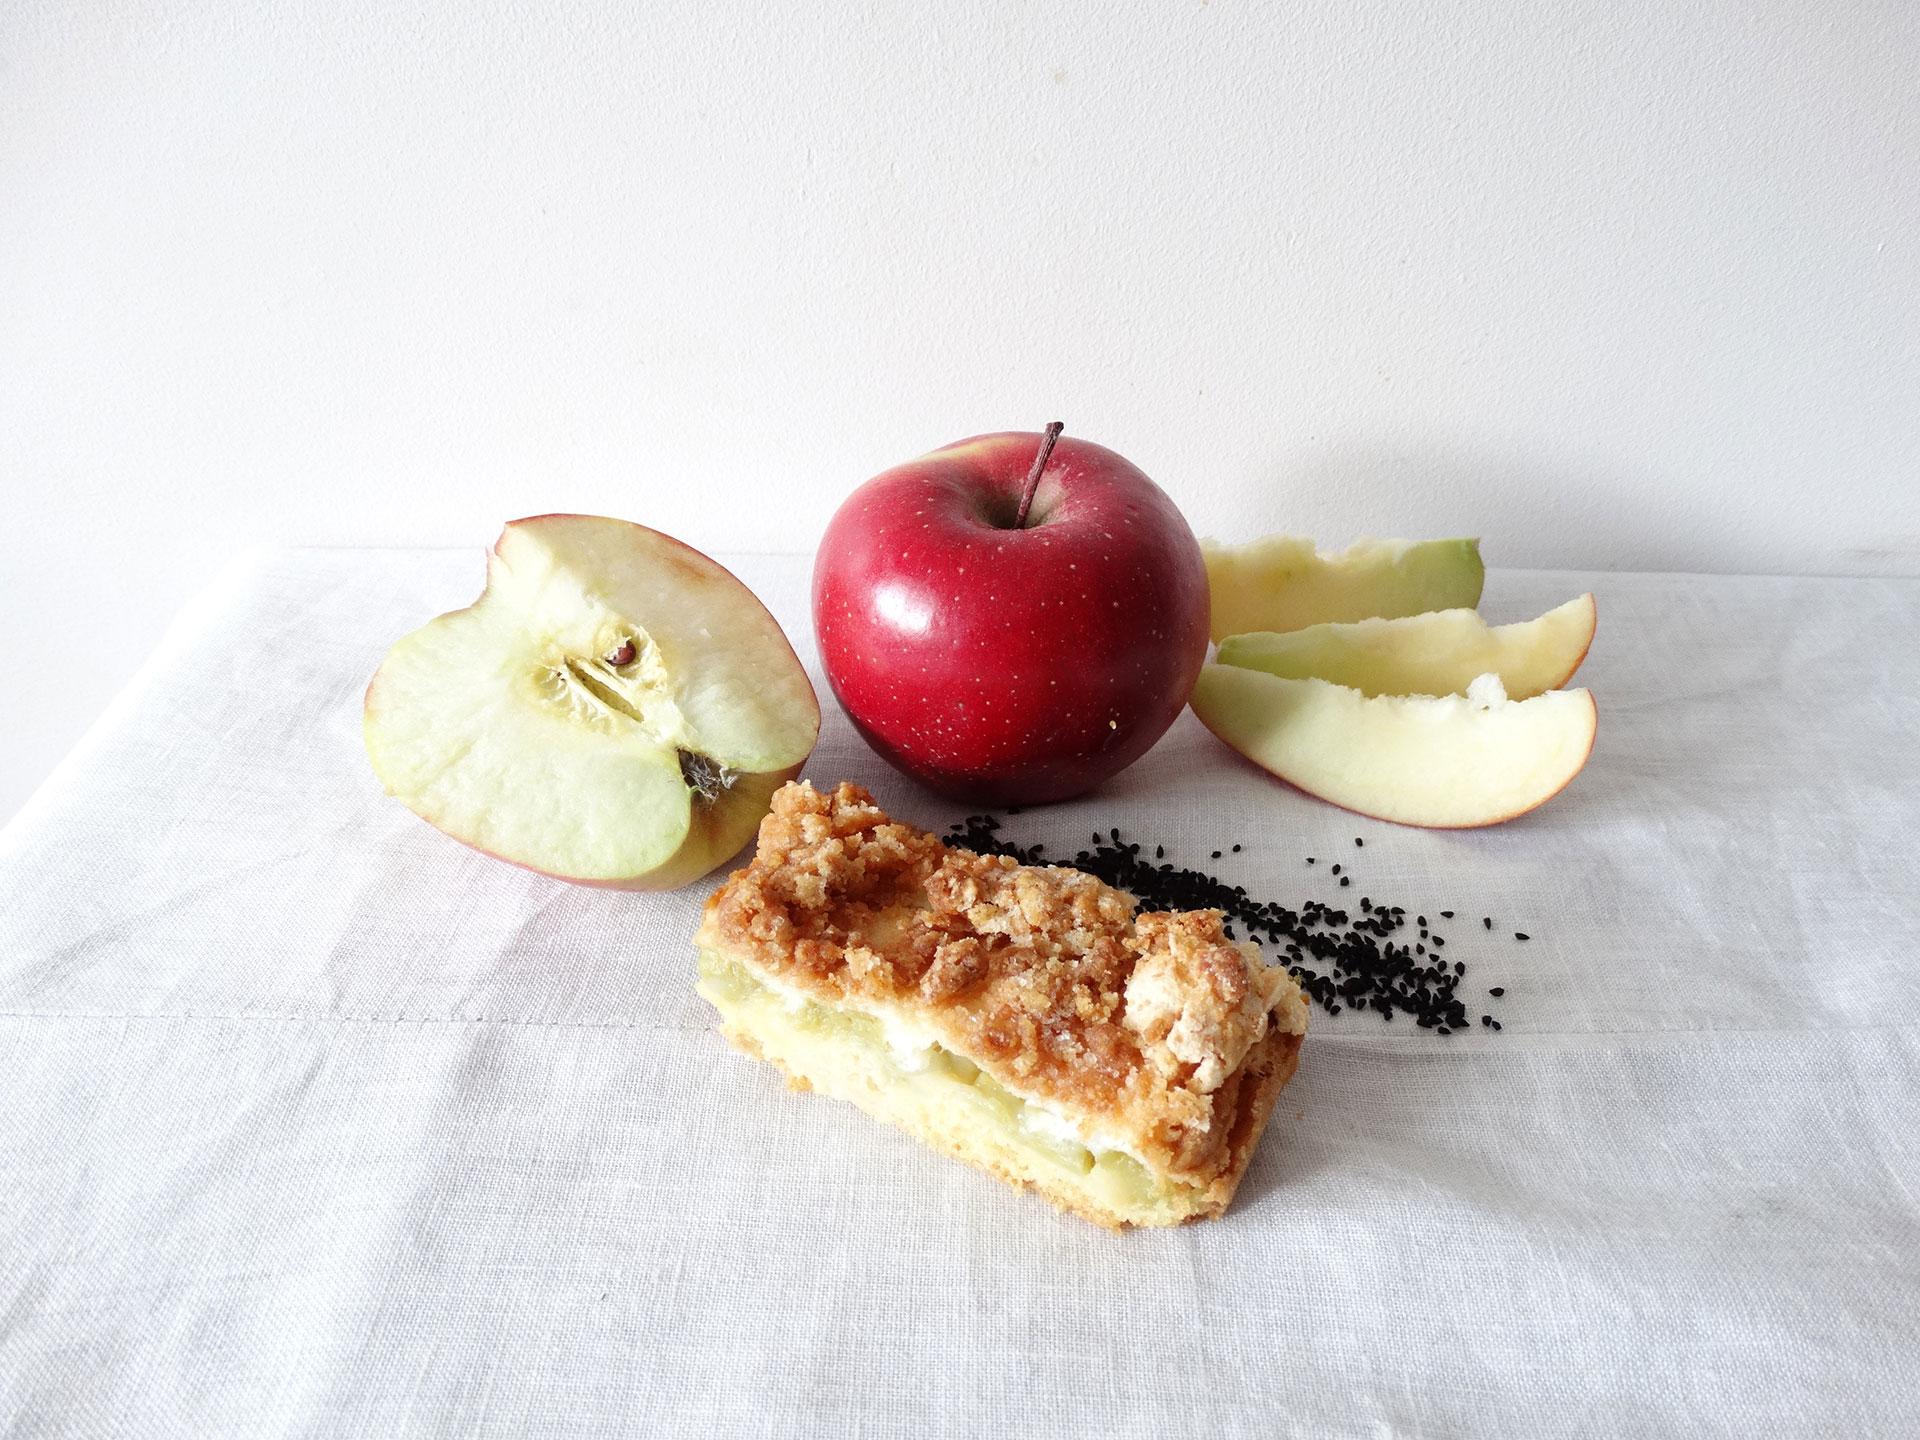 Najlepsze jabłka na pyszną szarlotkę - jakie wybrać?